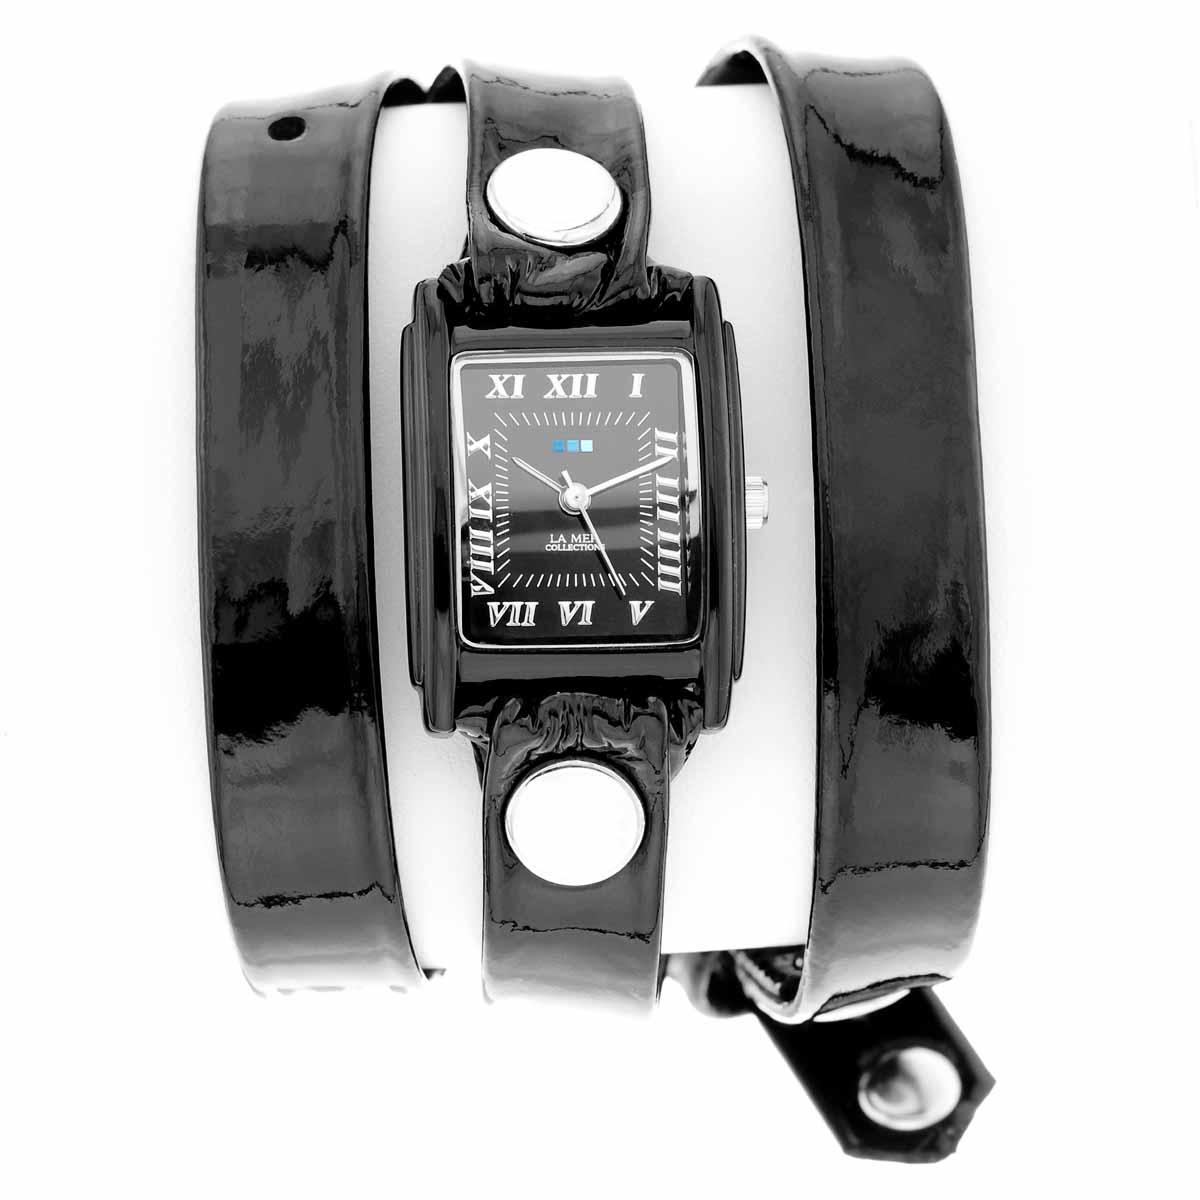 Часы женские наручные La Mer Collections Simple Black. LMSTW1005xLMSTW1005xЖенские наручные часы Simple Black позволят вам выделиться из толпы и подчеркнуть свою индивидуальность. Часы оснащены японским кварцевым механизмом SEIKO. Ремешок выполнен из натуральной итальянской лаковой кожи и декорирован заклепками. Корпус часов изготовлен из сплава металлов с покрытием черного цвета. Циферблат оснащен часовой, минутной и секундной стрелками и защищен минеральным стеклом. Циферблат оформлен римскими цифрами и отметками. Часы застегиваются на классическую застежку. Часы хранятся на специальной подушечке в футляре из искусственной кожи, крышка которого оформлена логотипом компании La Mer Collection. Характеристики: Механизм: кварцевый SEIKO (Япония). Размер корпуса: 25 х 22 х 8 мм. Материал корпуса: сплав металлов. Стекло: минеральное. Ремешок: Итальянская натуральная кожа. Размер ремешка: 55 х 1,3 см. Гарантия: 1 год. Размер упаковки: 10 см x 10 см x 6,5 см.